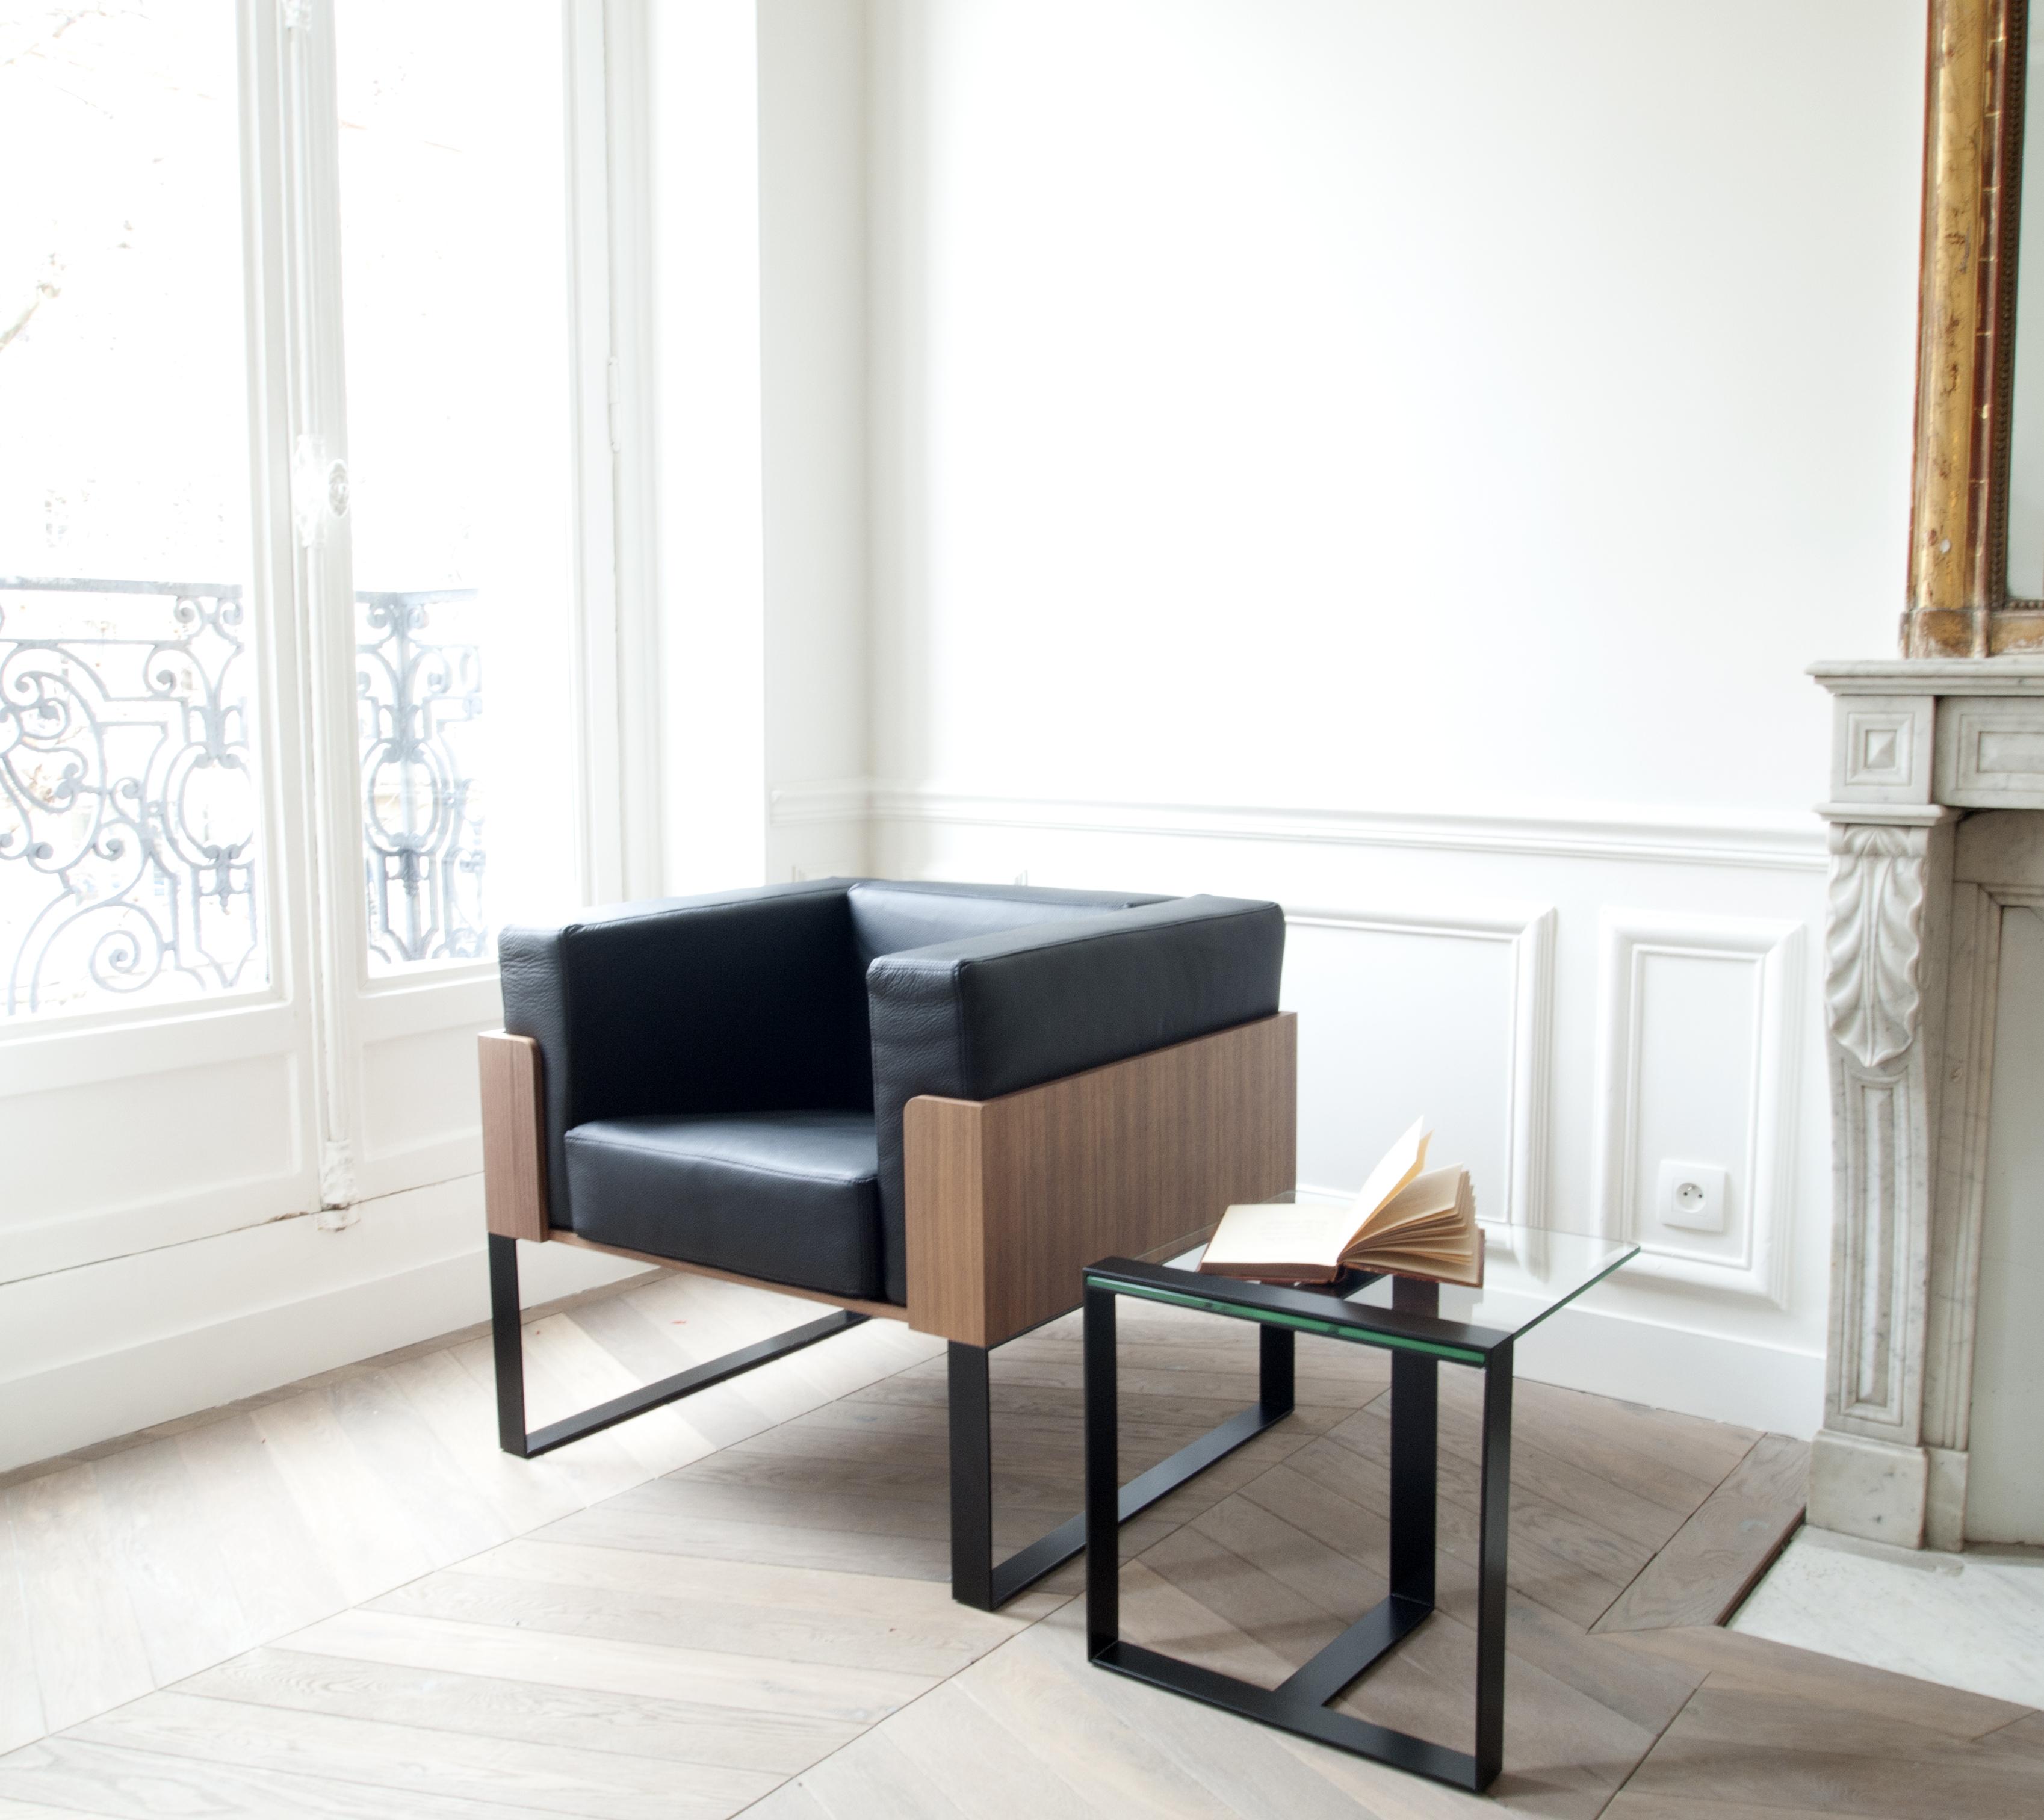 fauteuil design en cuir bois et m tal fabriqu la main. Black Bedroom Furniture Sets. Home Design Ideas